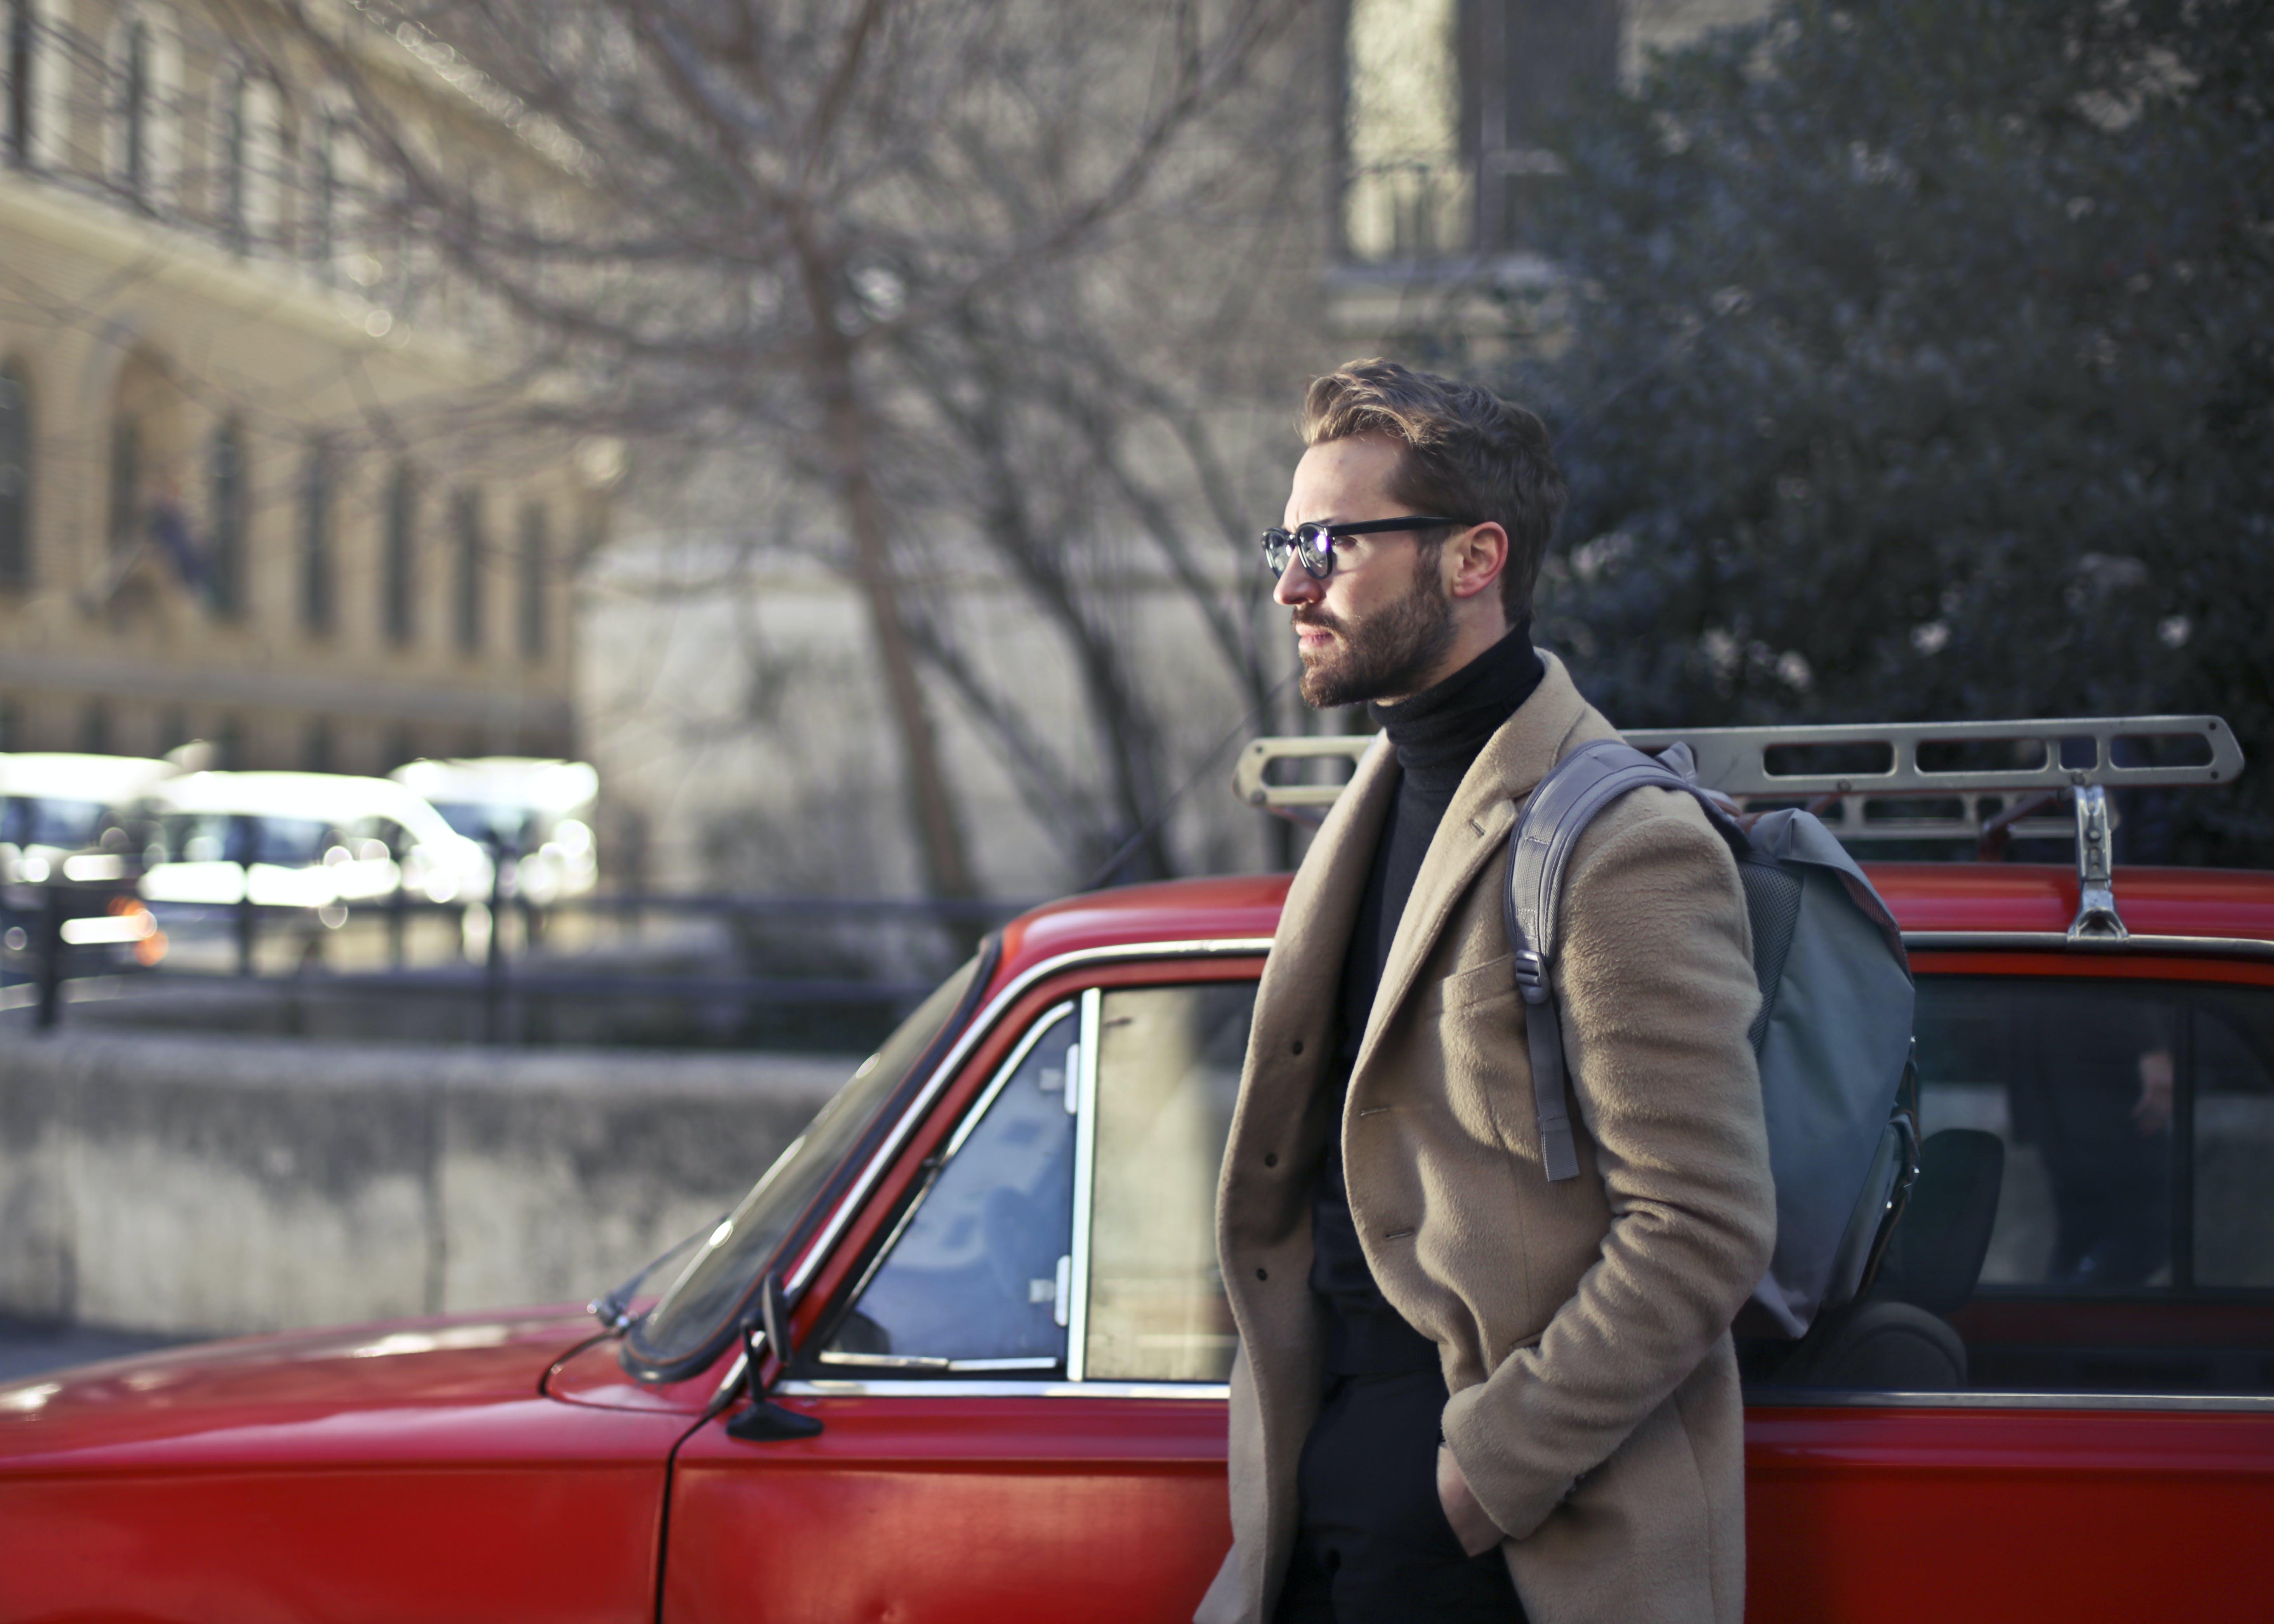 Man Wearing Beige Jacket Beside Red Car